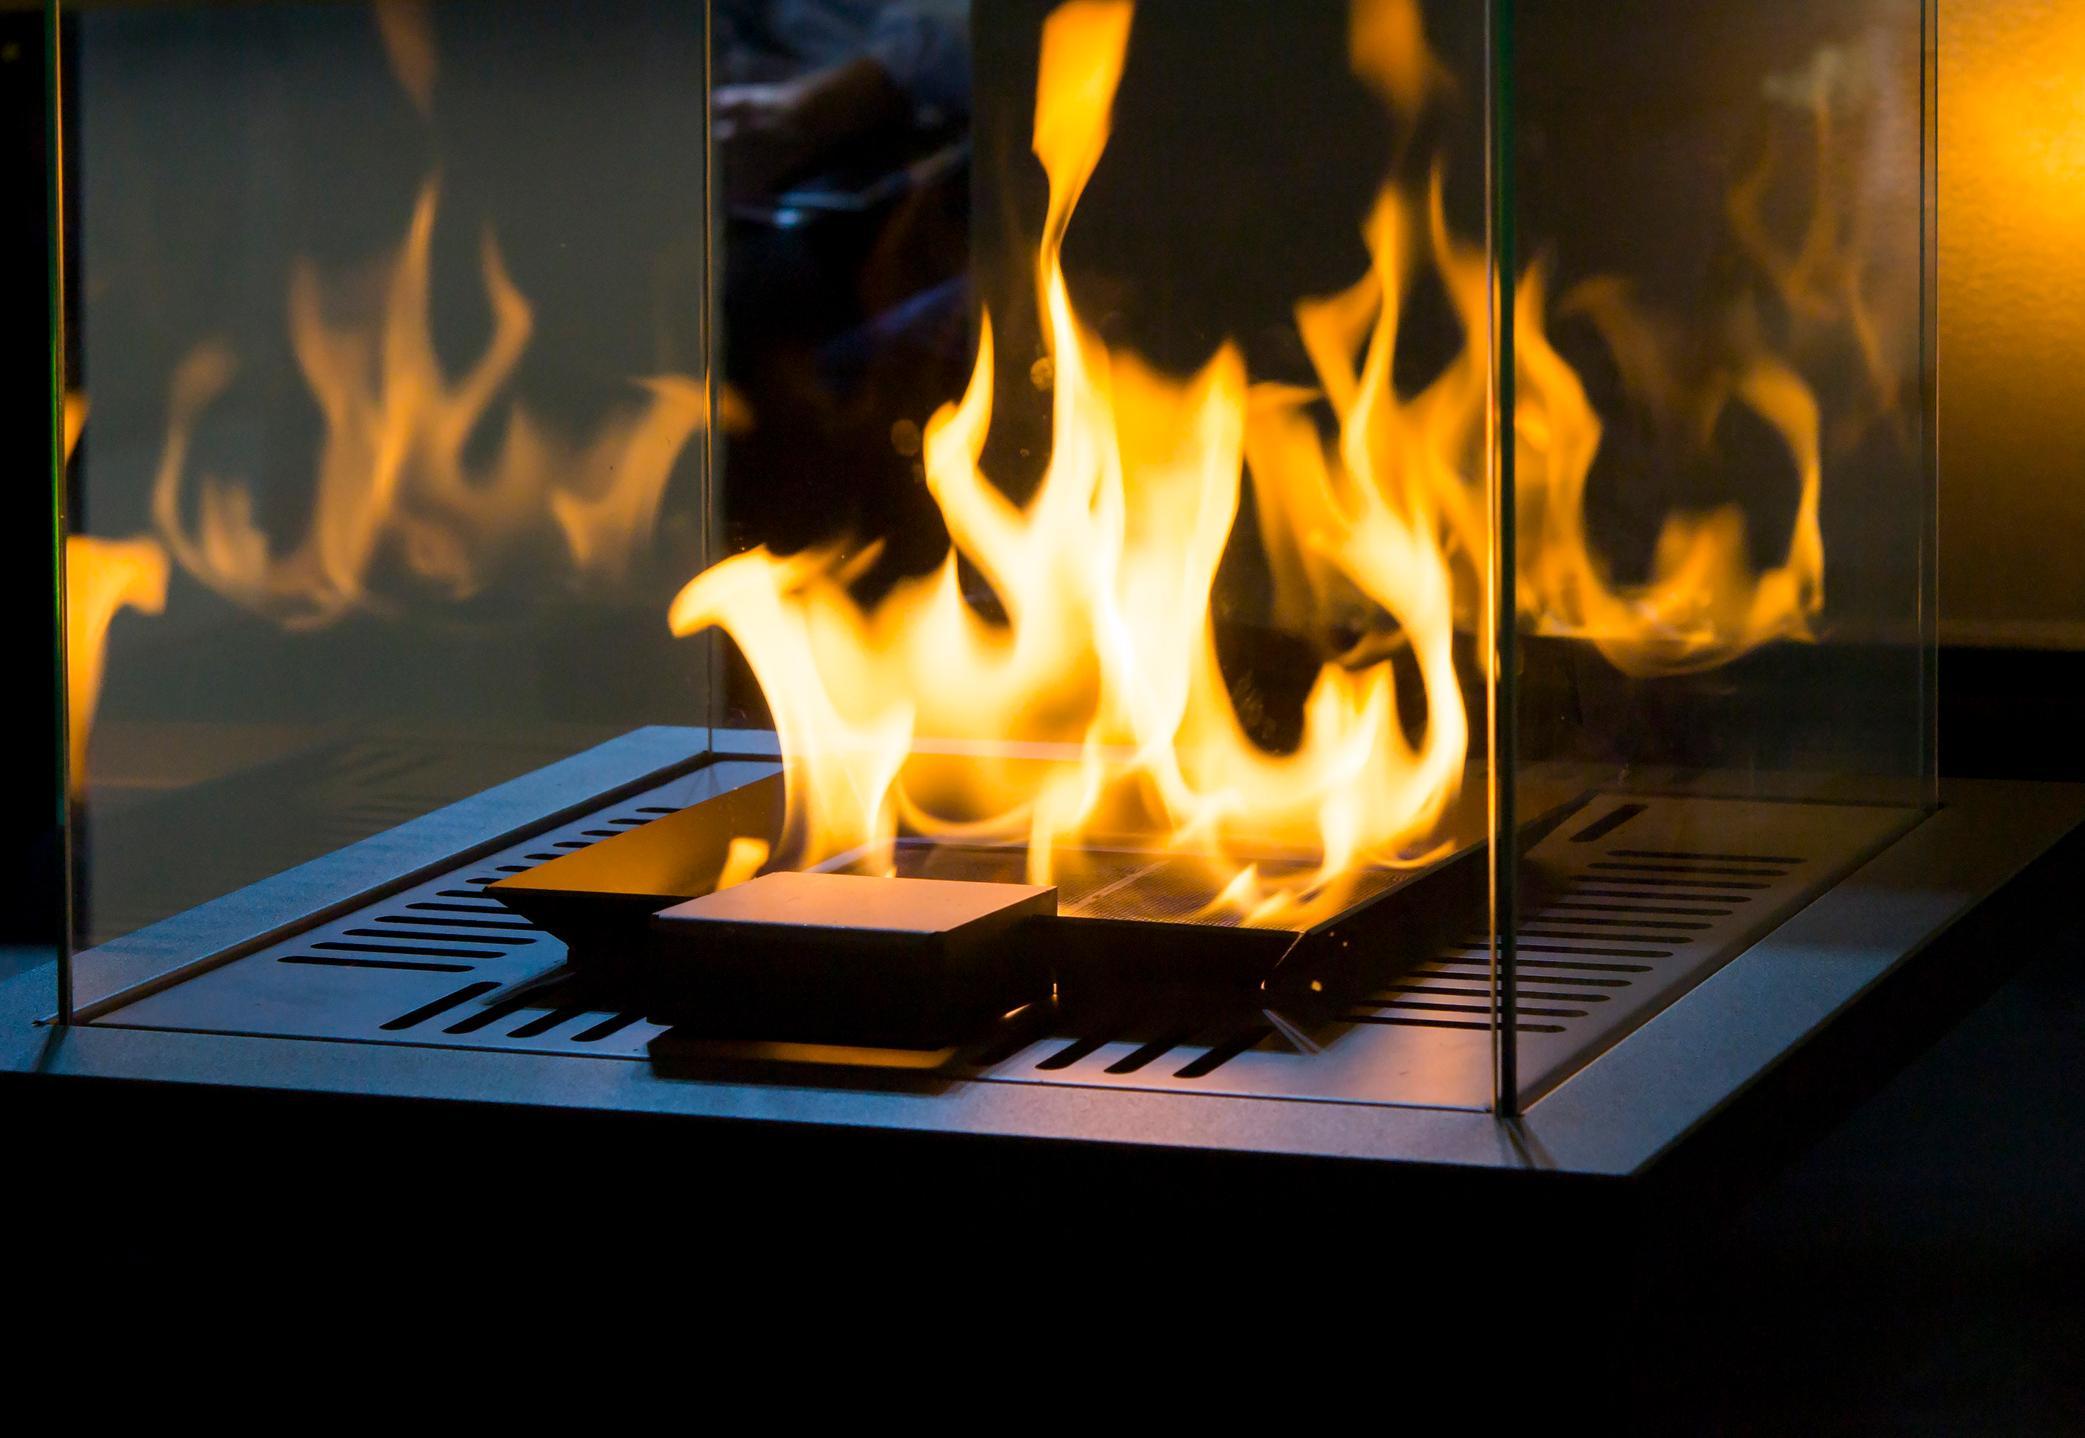 Brandgefahr Durch Ethanol Feuer Hausinfo